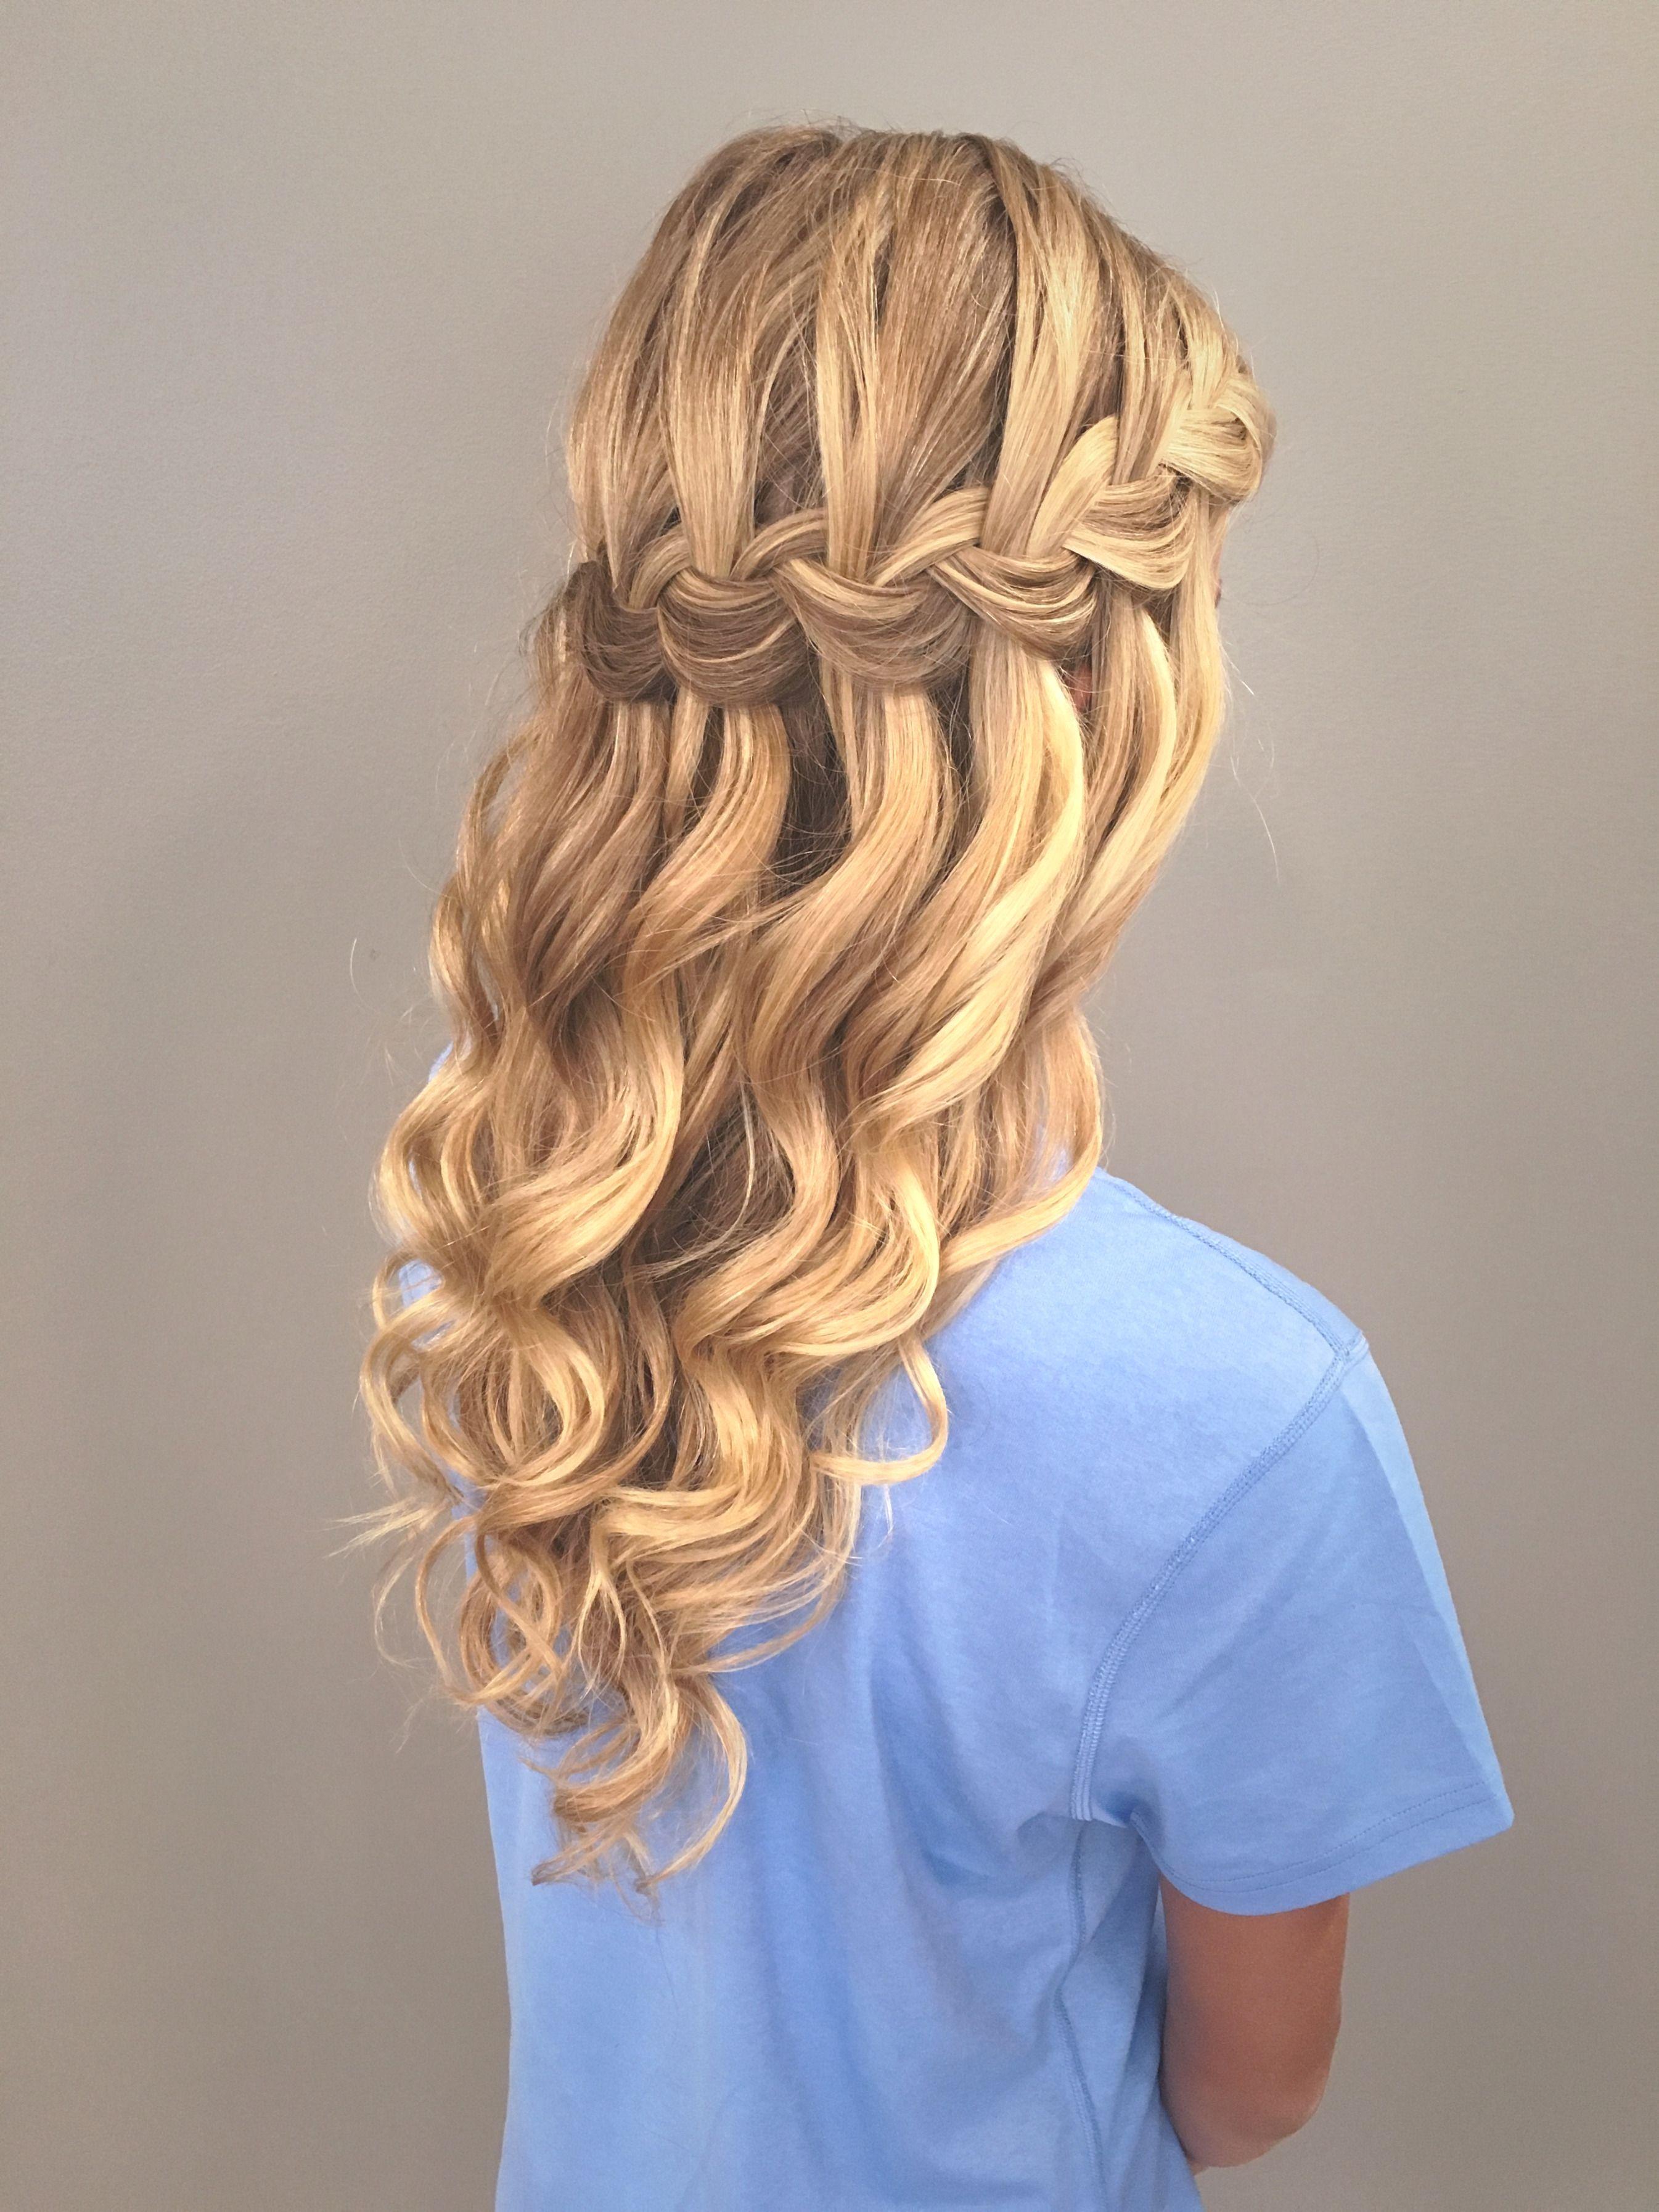 17 lindos peinados de baile simples para tus looks más hermosos